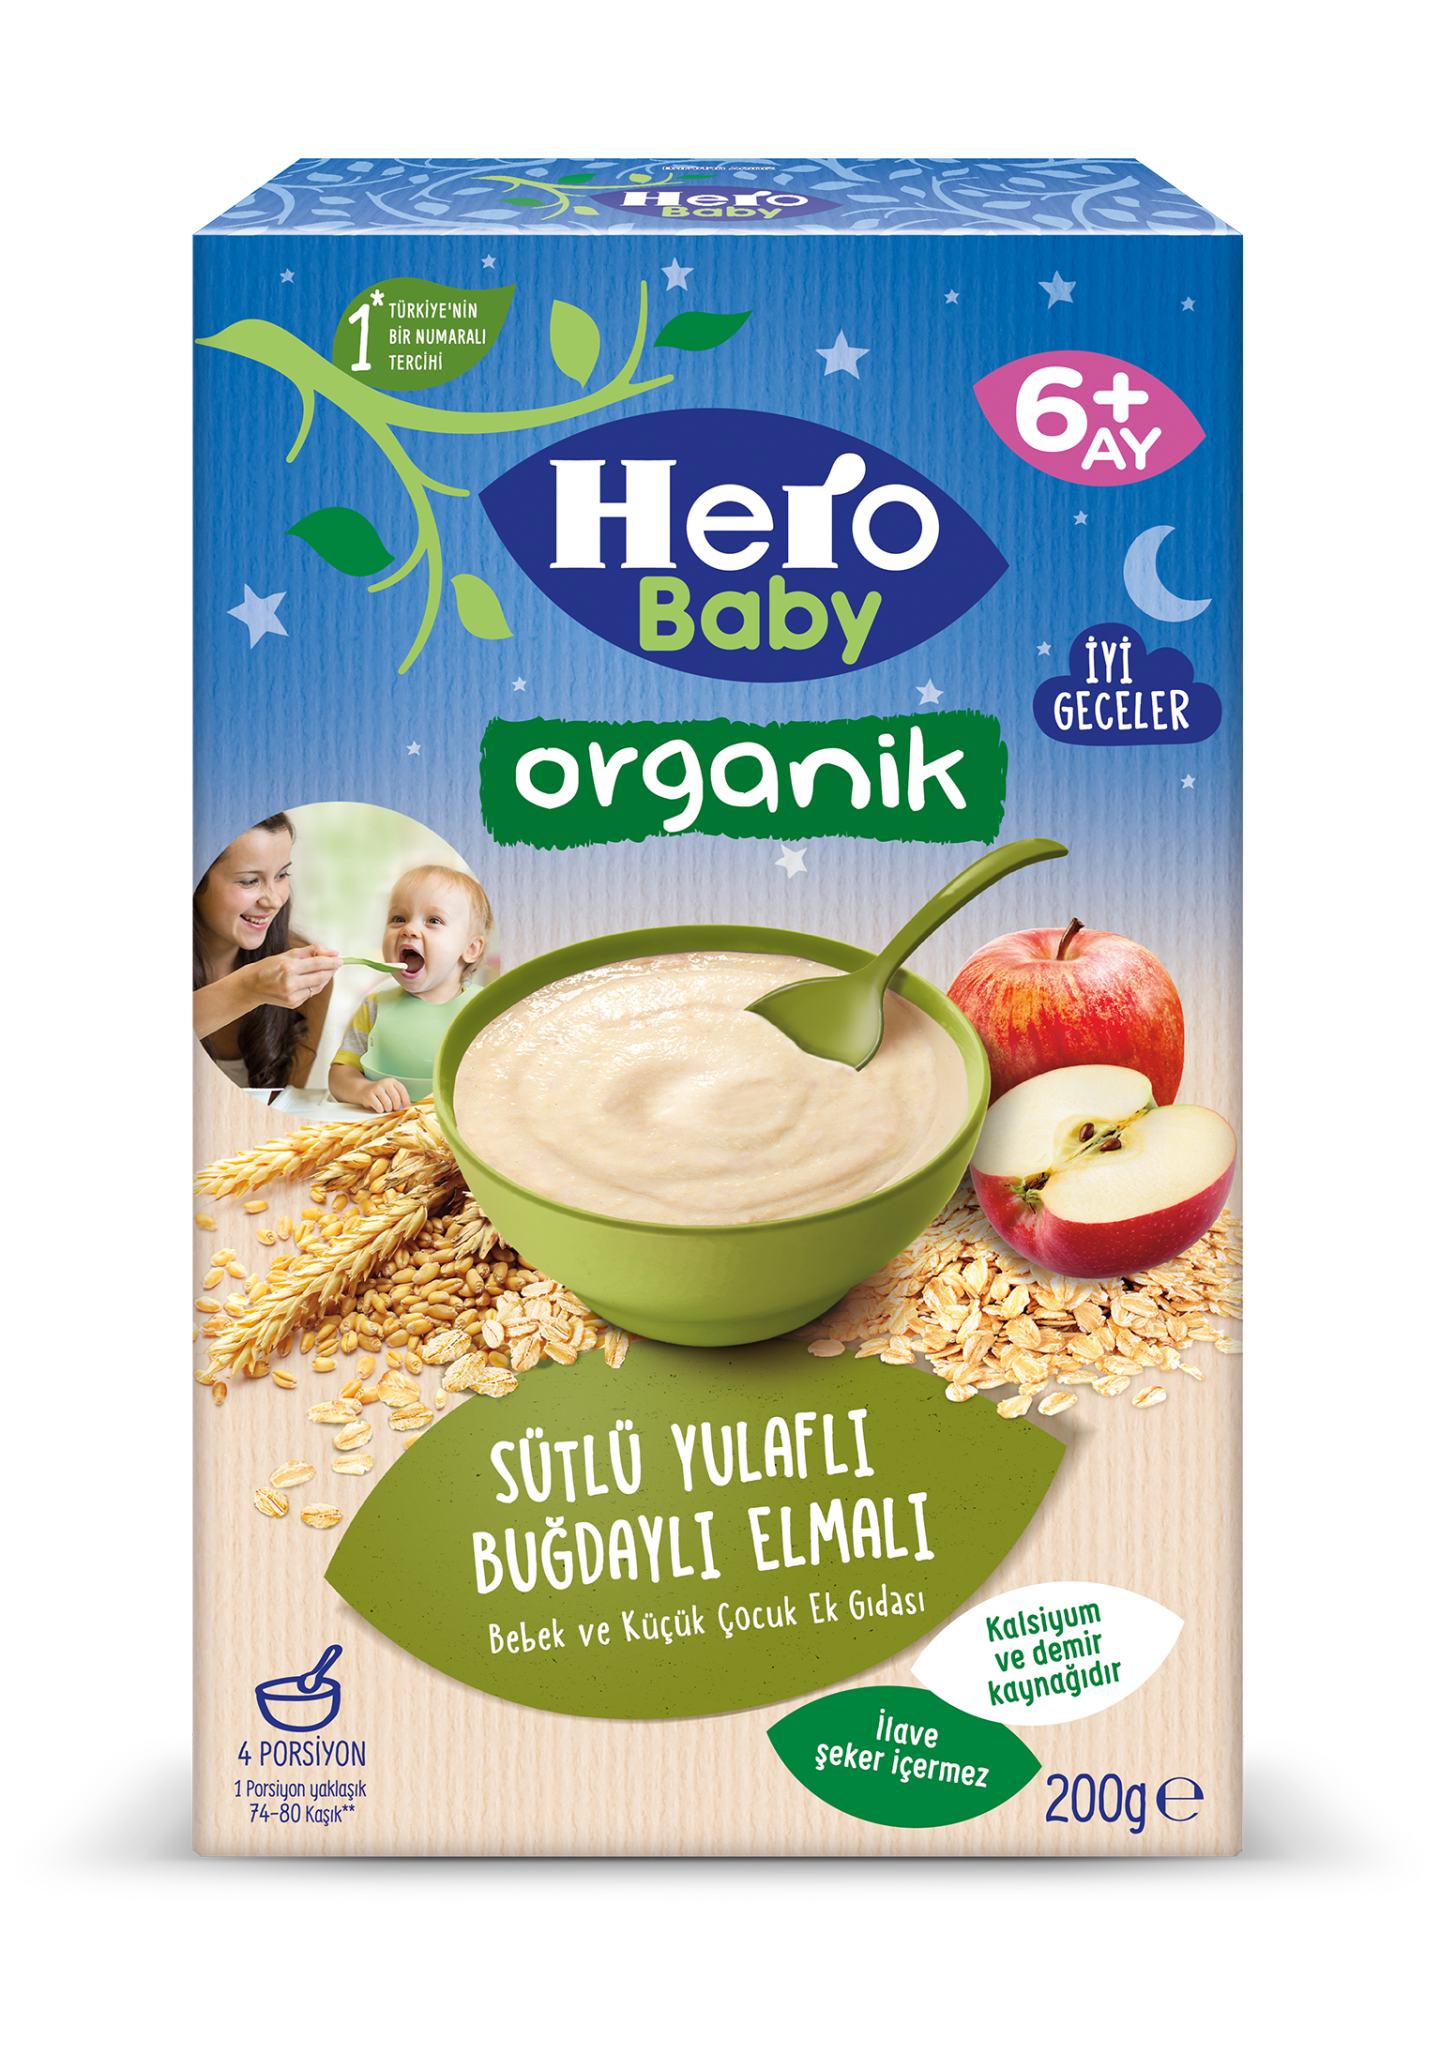 Organik Sütlü Yulaflı Buğdaylı Elmalı